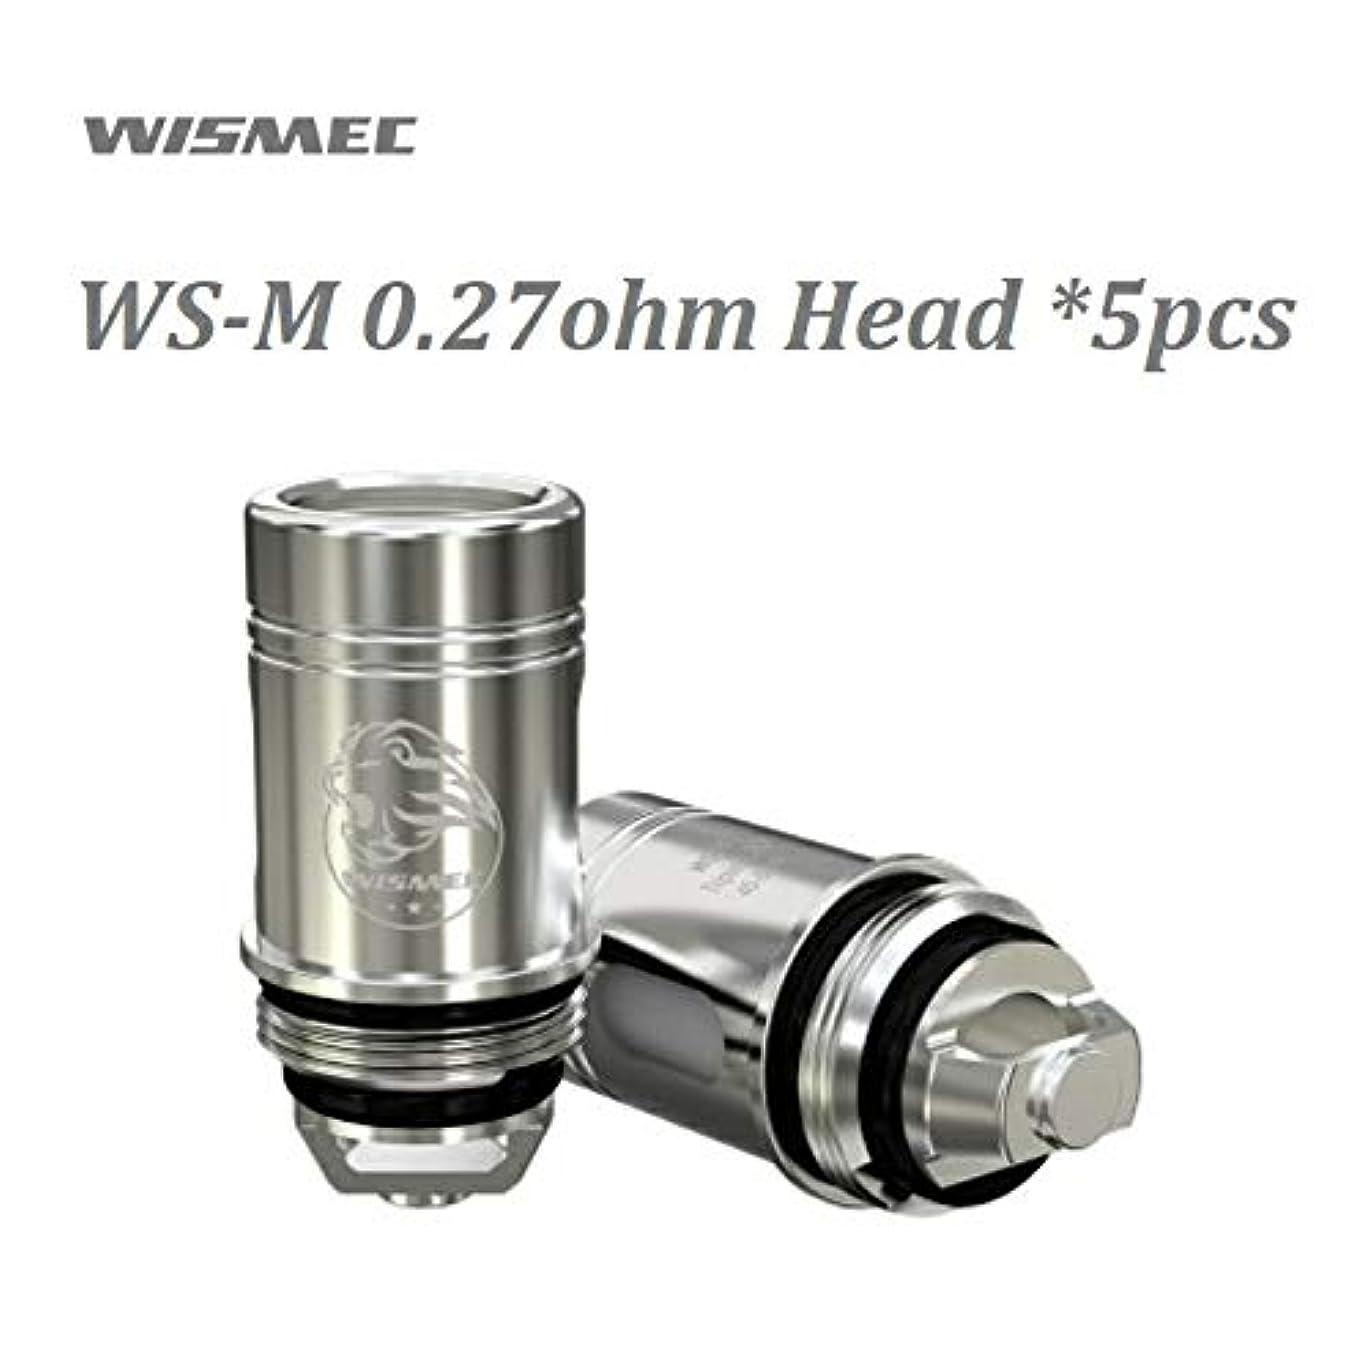 エスニック該当する荒れ地WISMEC WS-M 0.27ohm Head 5pcs ウィズメックWS-M 0.27Ωメッシュコイル 5個入り